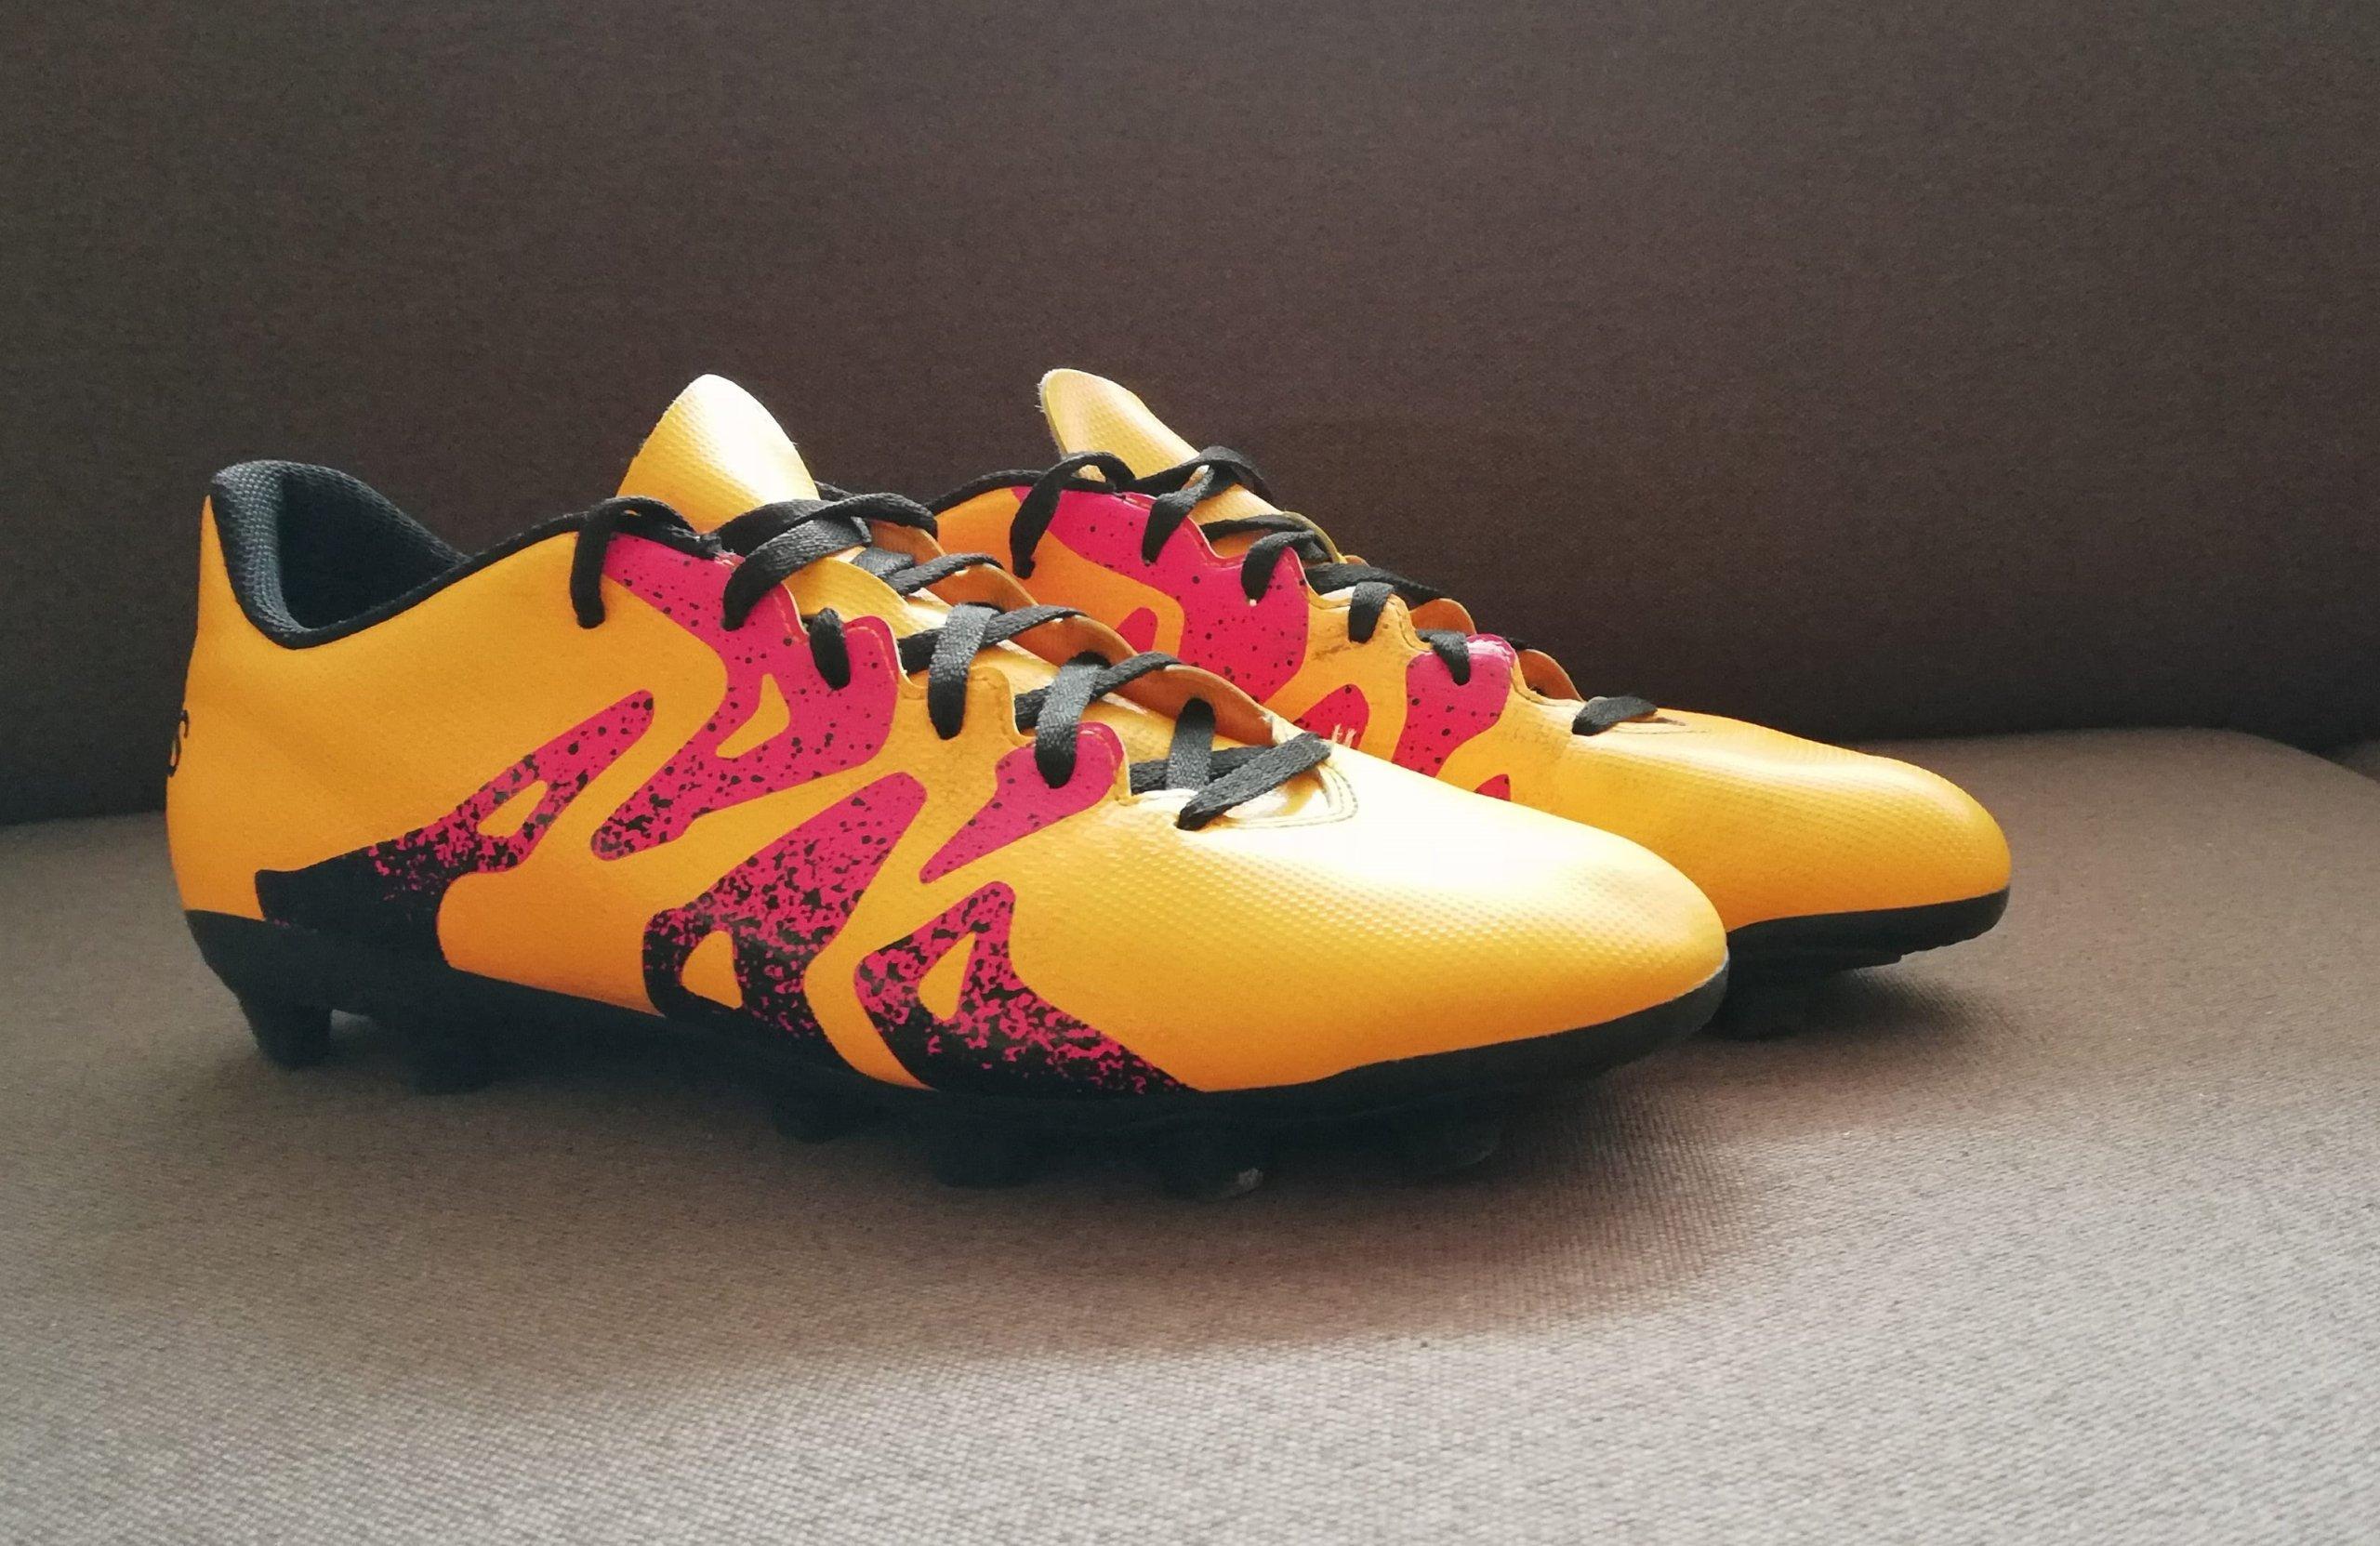 97a990f54 Adidas X 15.4 korki piłkarskie używane, stan bdb - 7218132859 ...